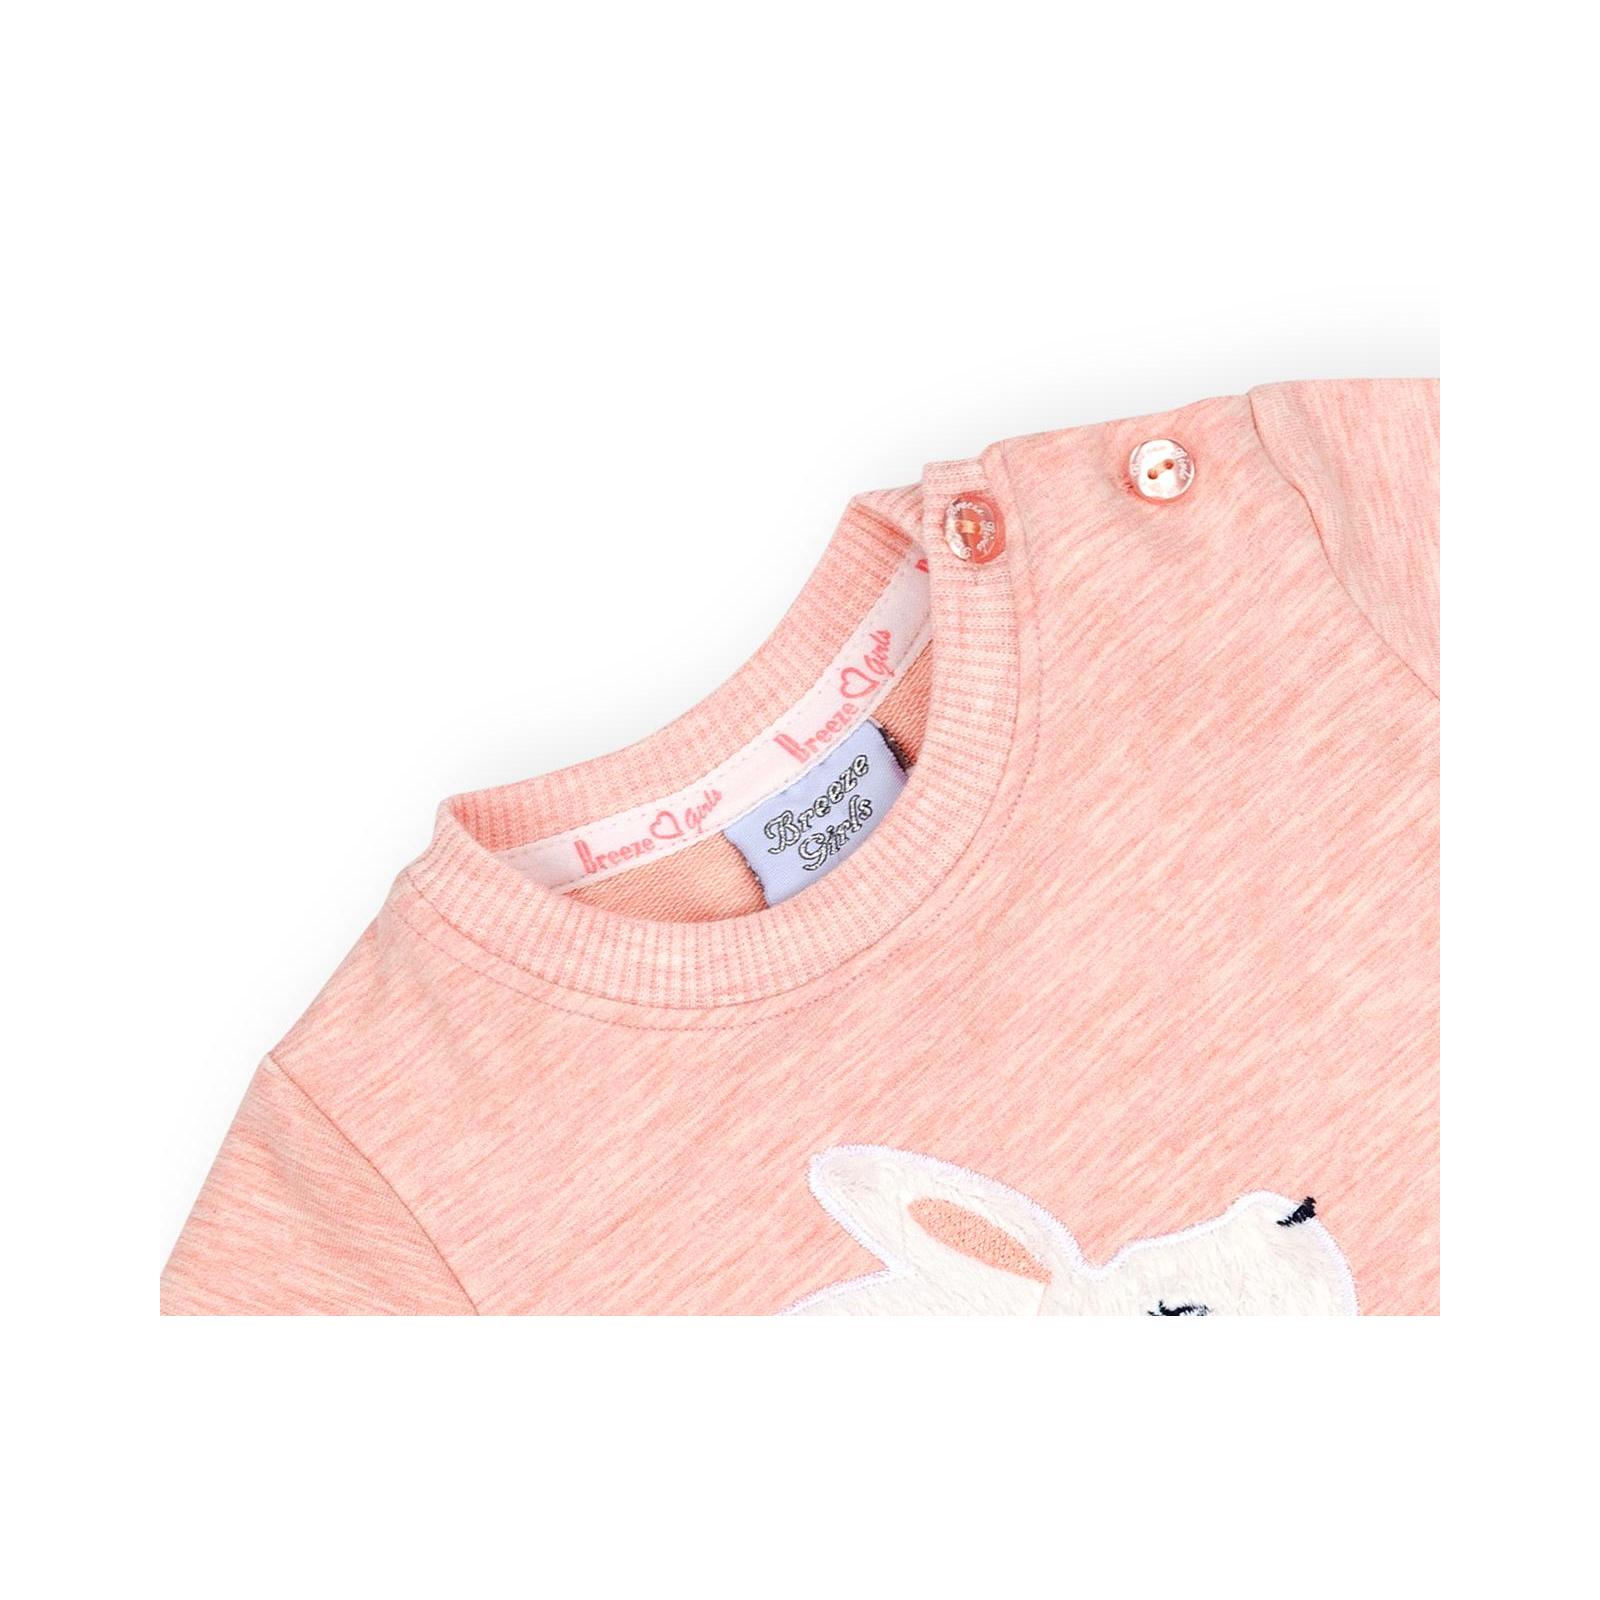 Набор детской одежды Breeze с зайчиками (10214-92G-peach) изображение 7